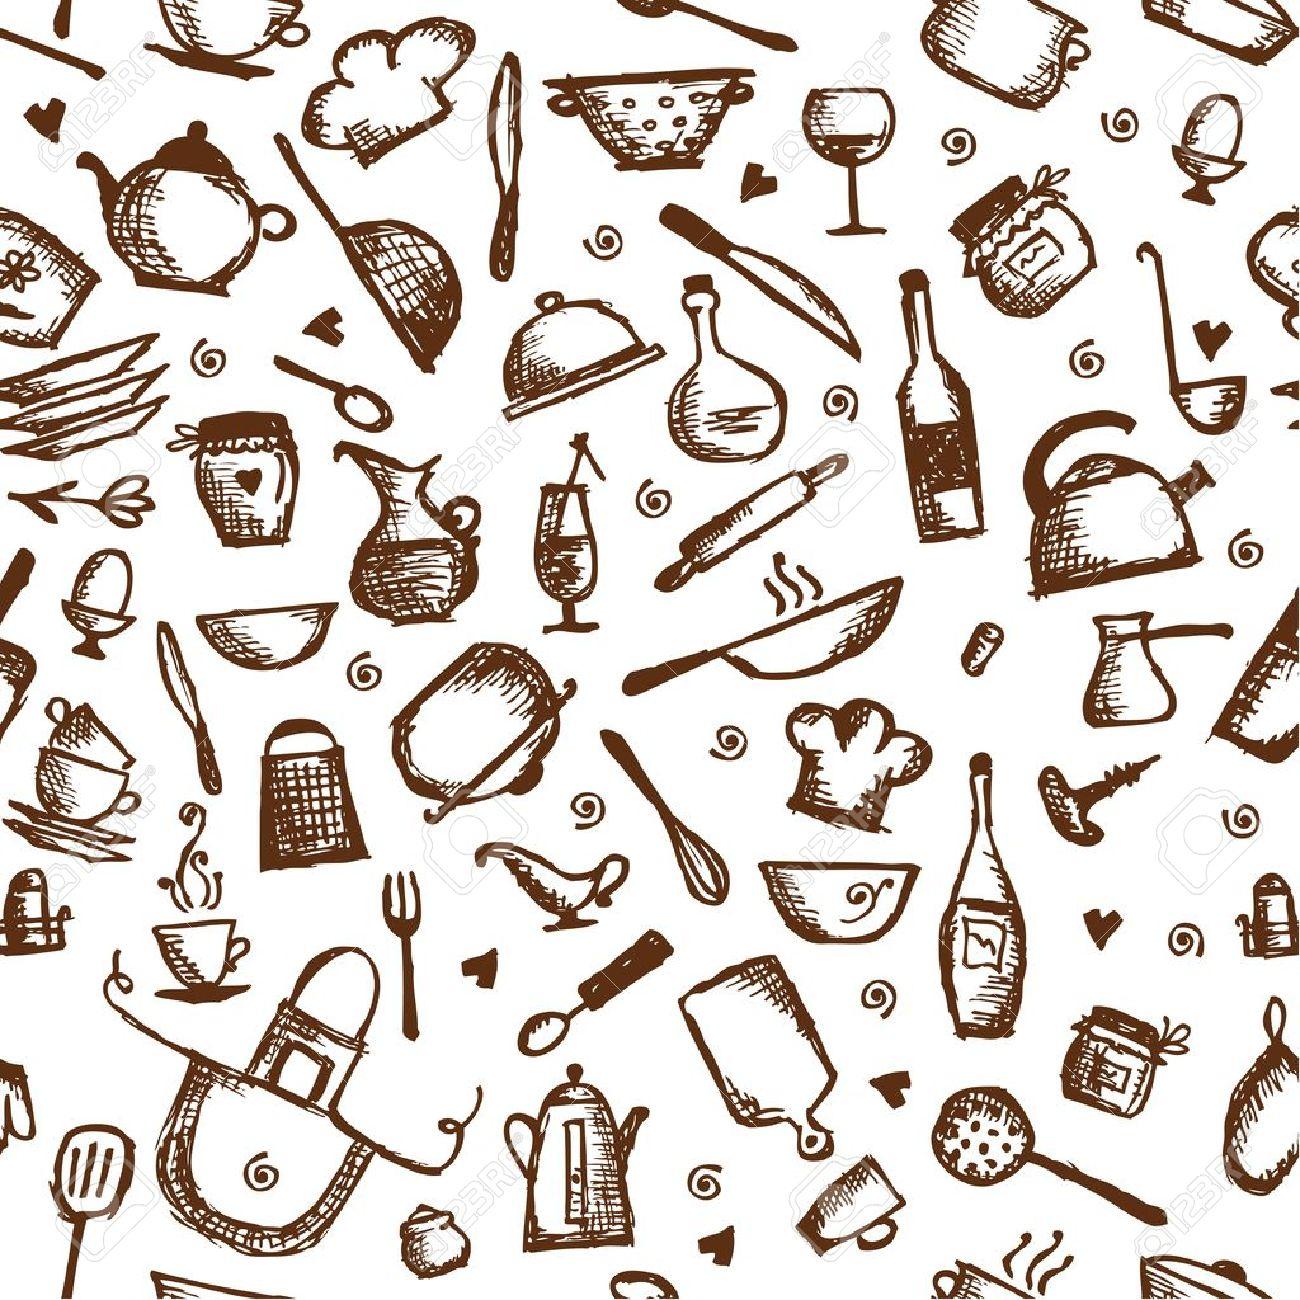 Kitchen Utensils Wallpaper kitchen utensils sketch, seamless pattern royalty free cliparts